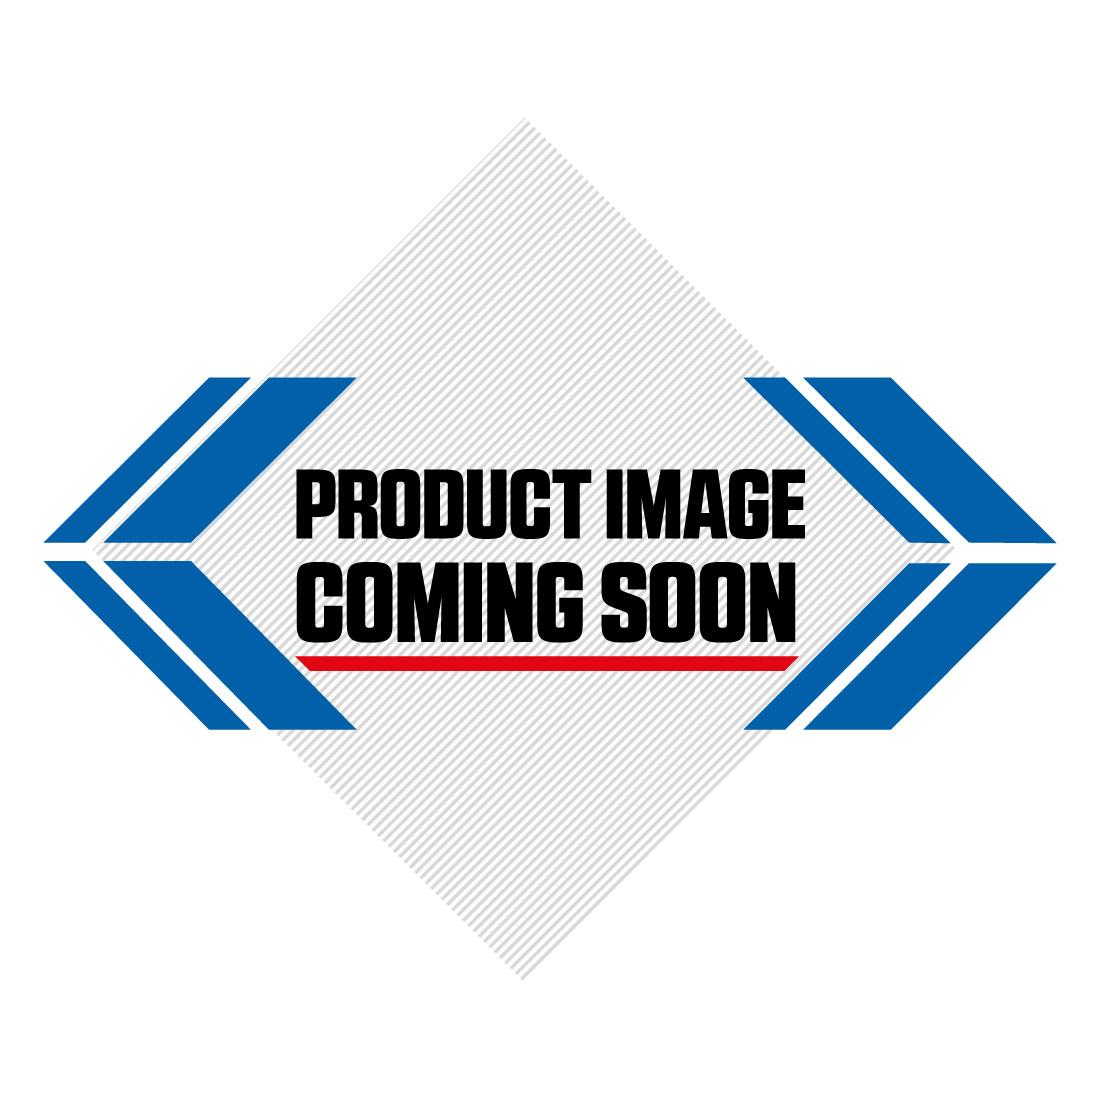 Husqvarna Plastic Kit OEM Factory Image-5